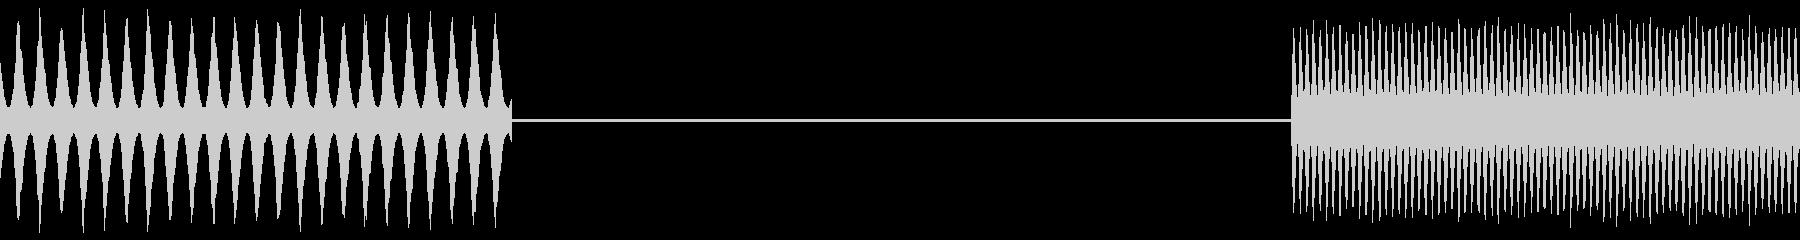 トーンビープチャタリングフラップバズの未再生の波形